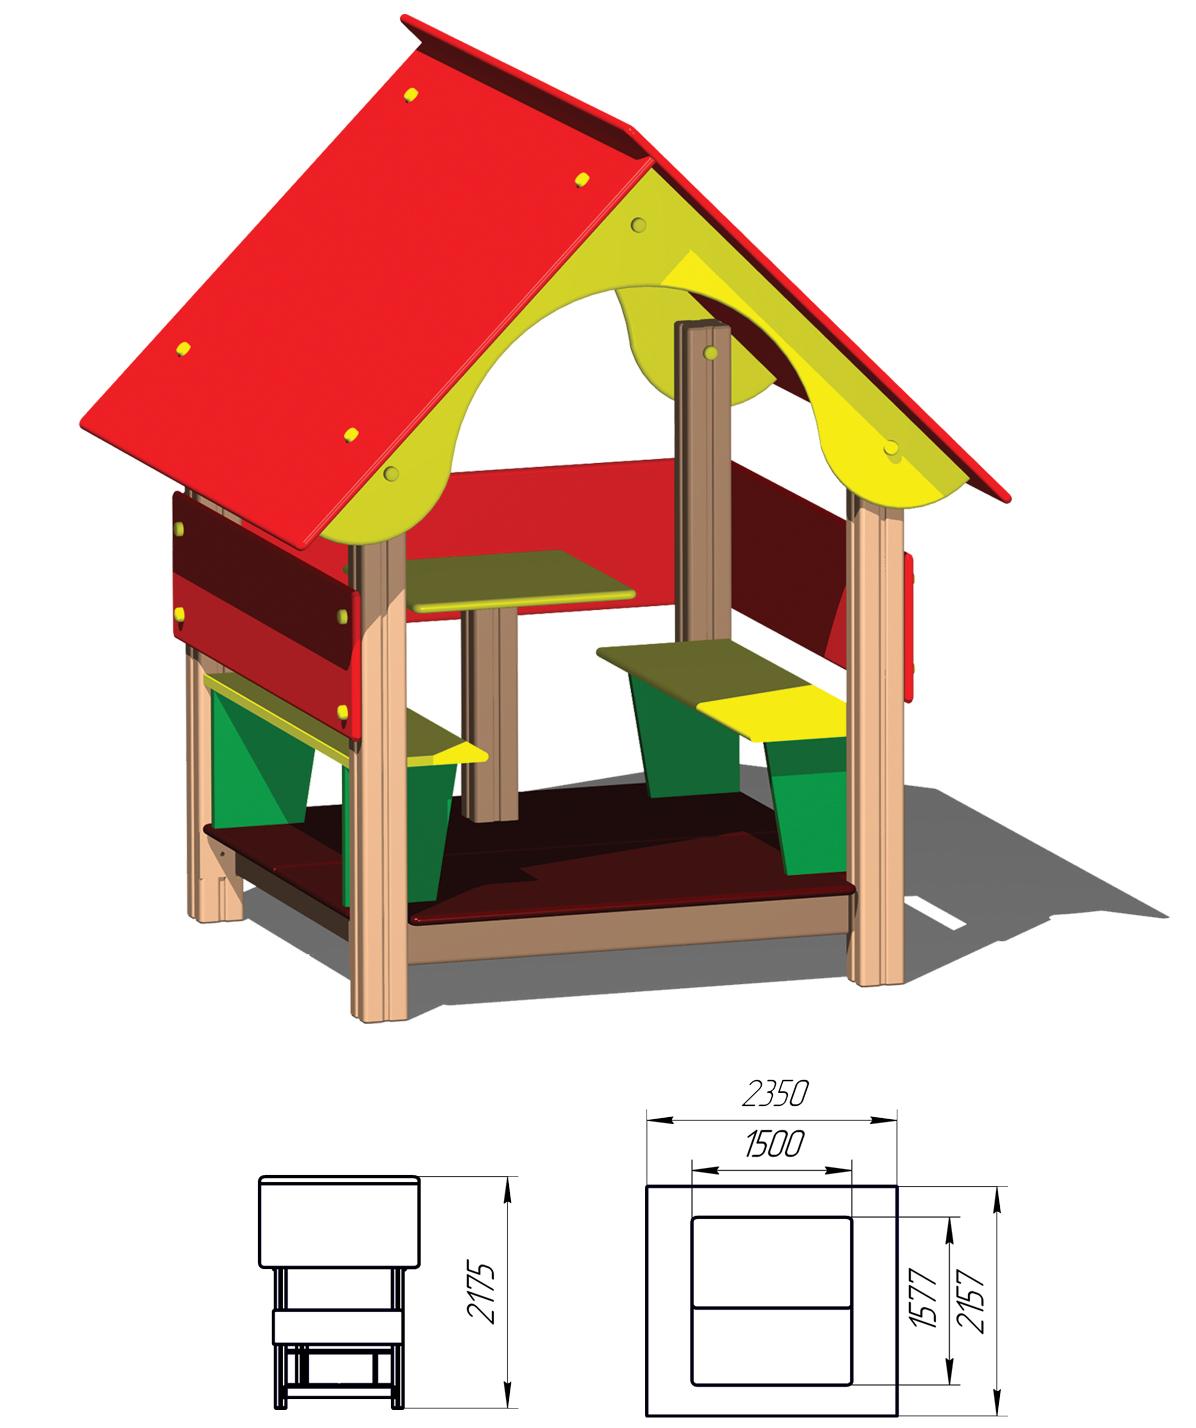 Домик детский для дачи своими руками фото чертежи 2x3 метра